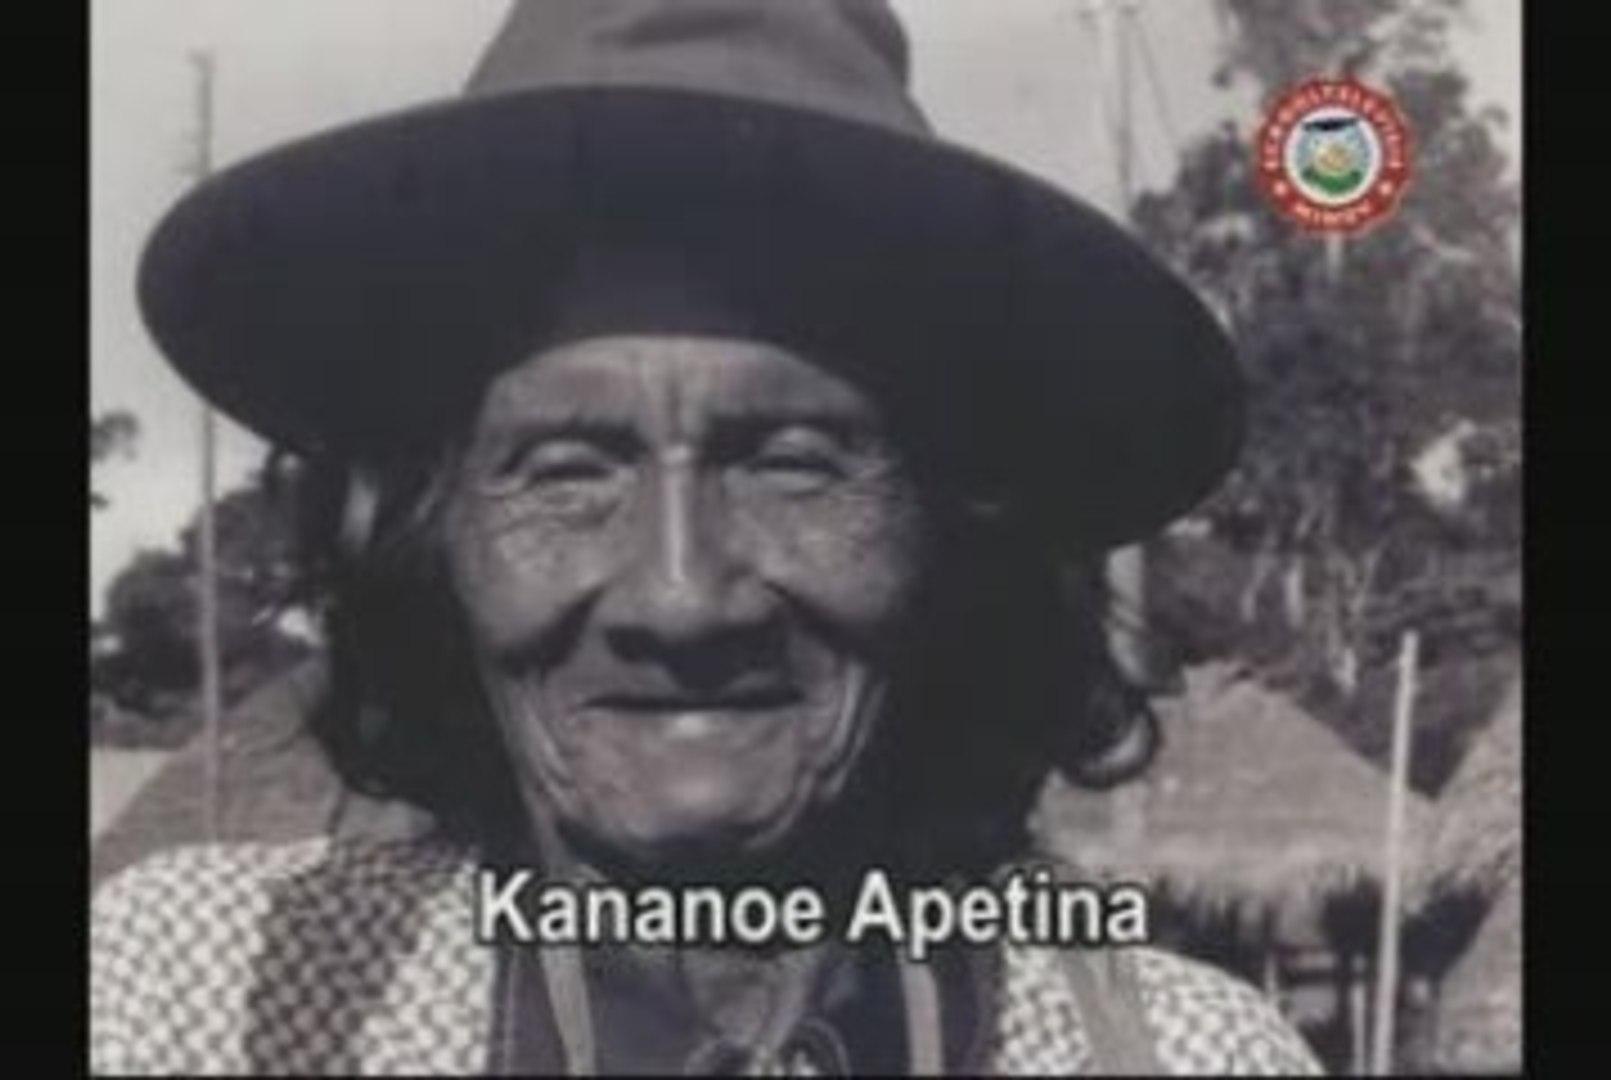 De Wajanas in Apetina - Deel 1